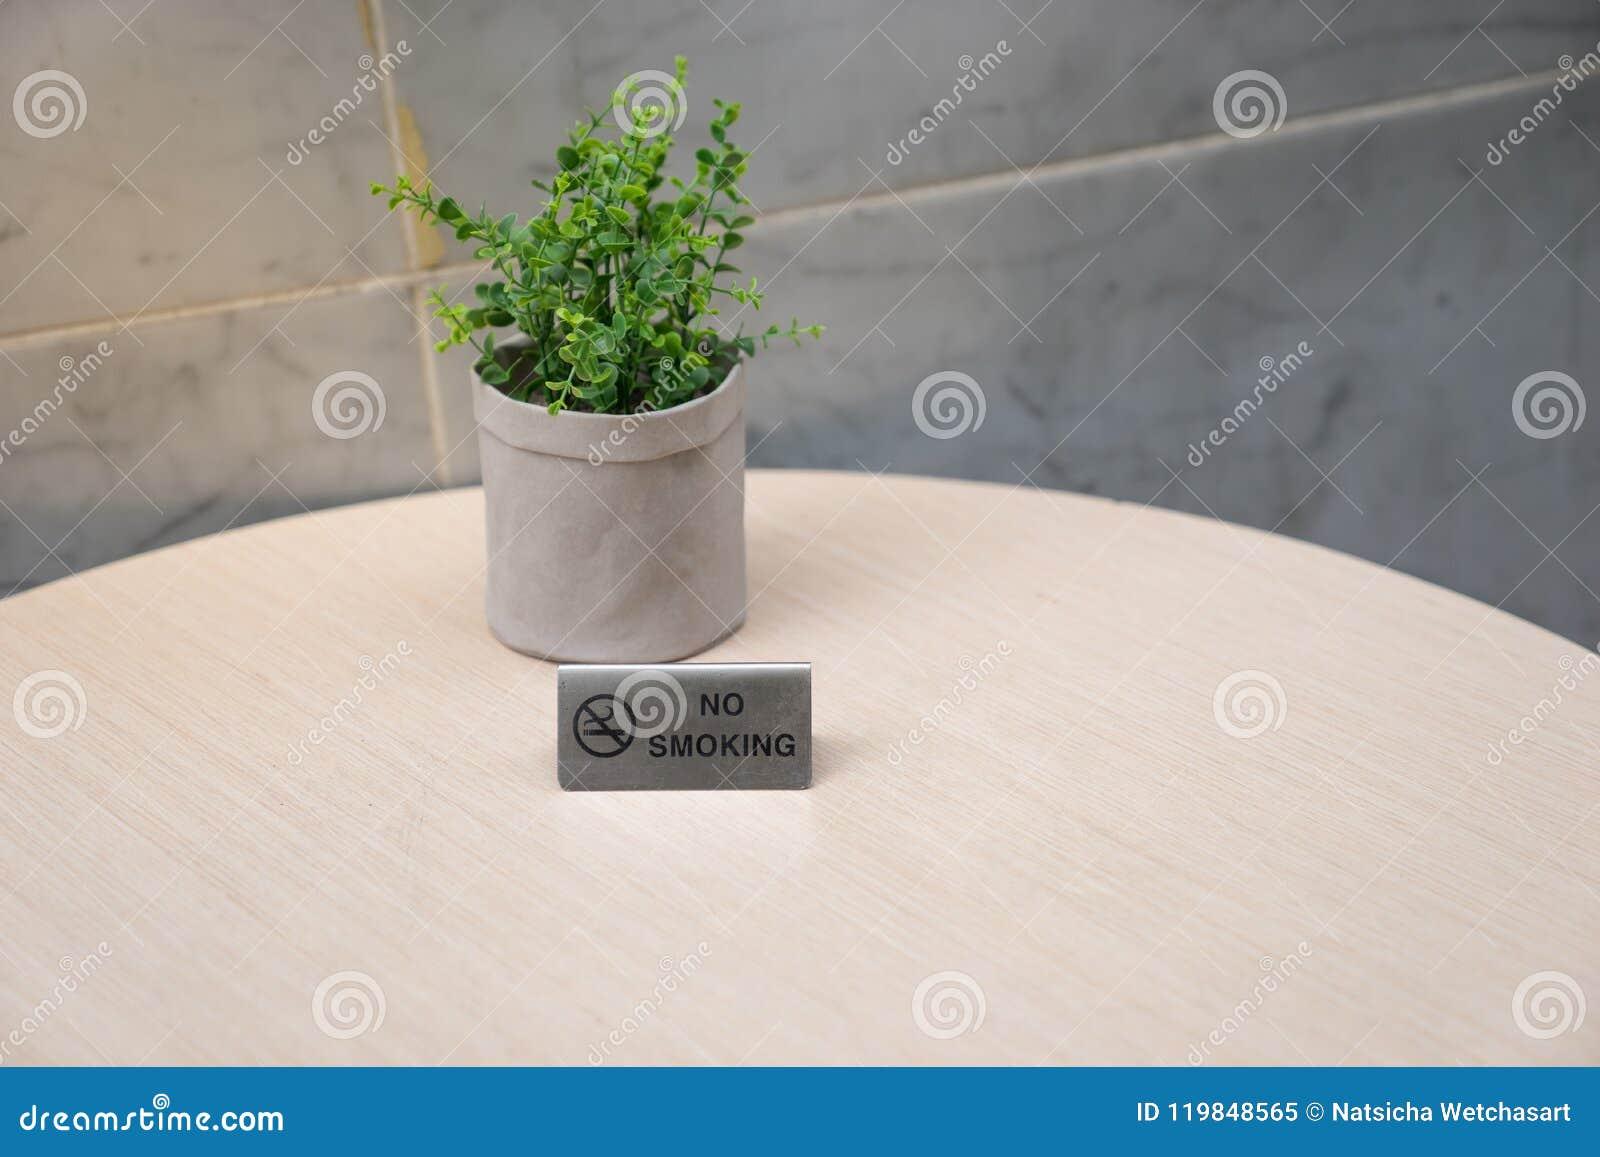 Segno non fumatori sulla tavola di legno leggera con un vaso di verde falso t